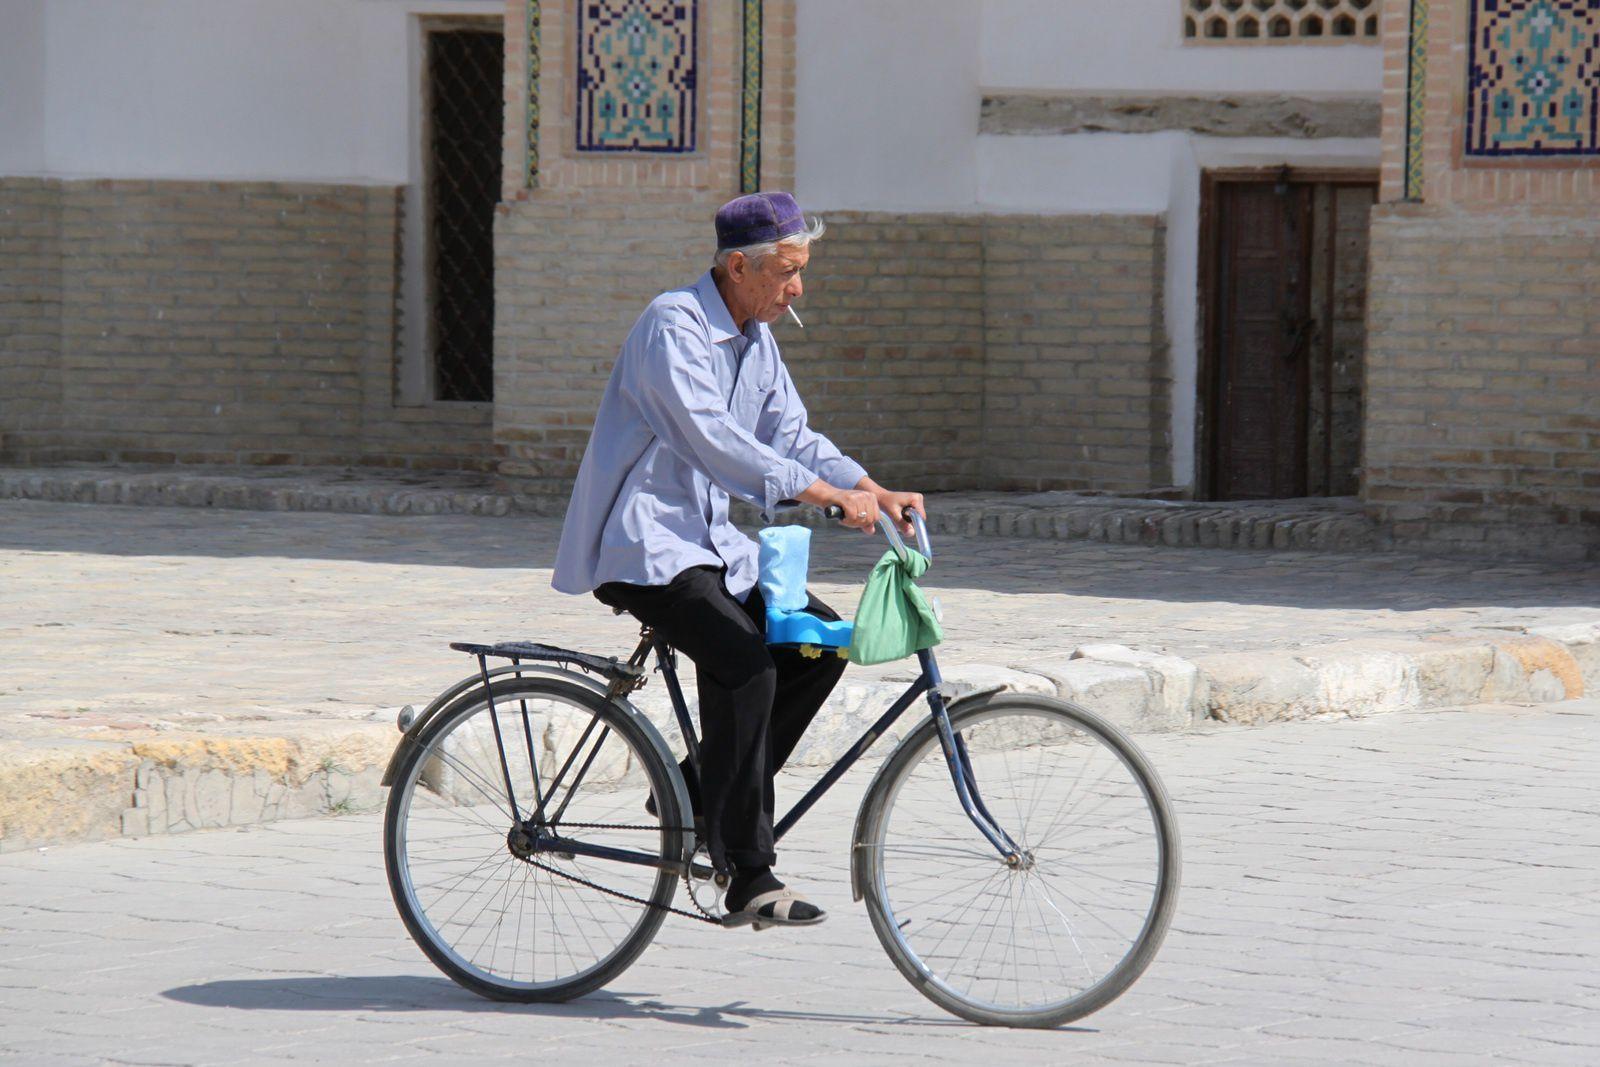 Un week end en Ouzbekistan, ou comment j'ai parlé russe couramment...